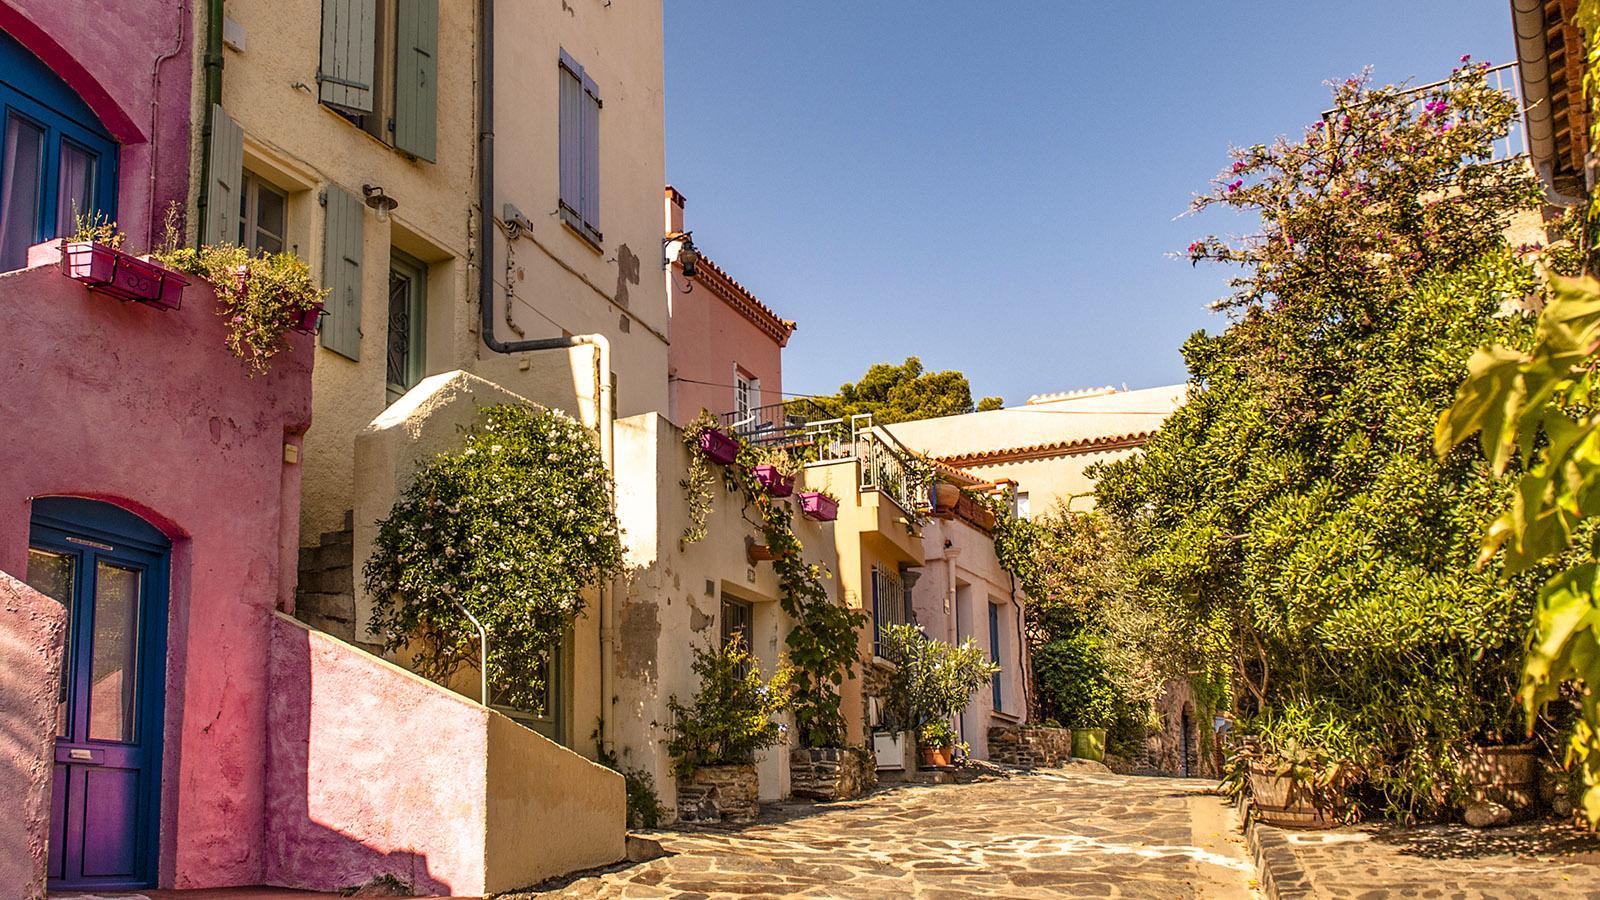 Das Altstadtviertel Le Mouré von Collioure. Foto: Hilke Maunder